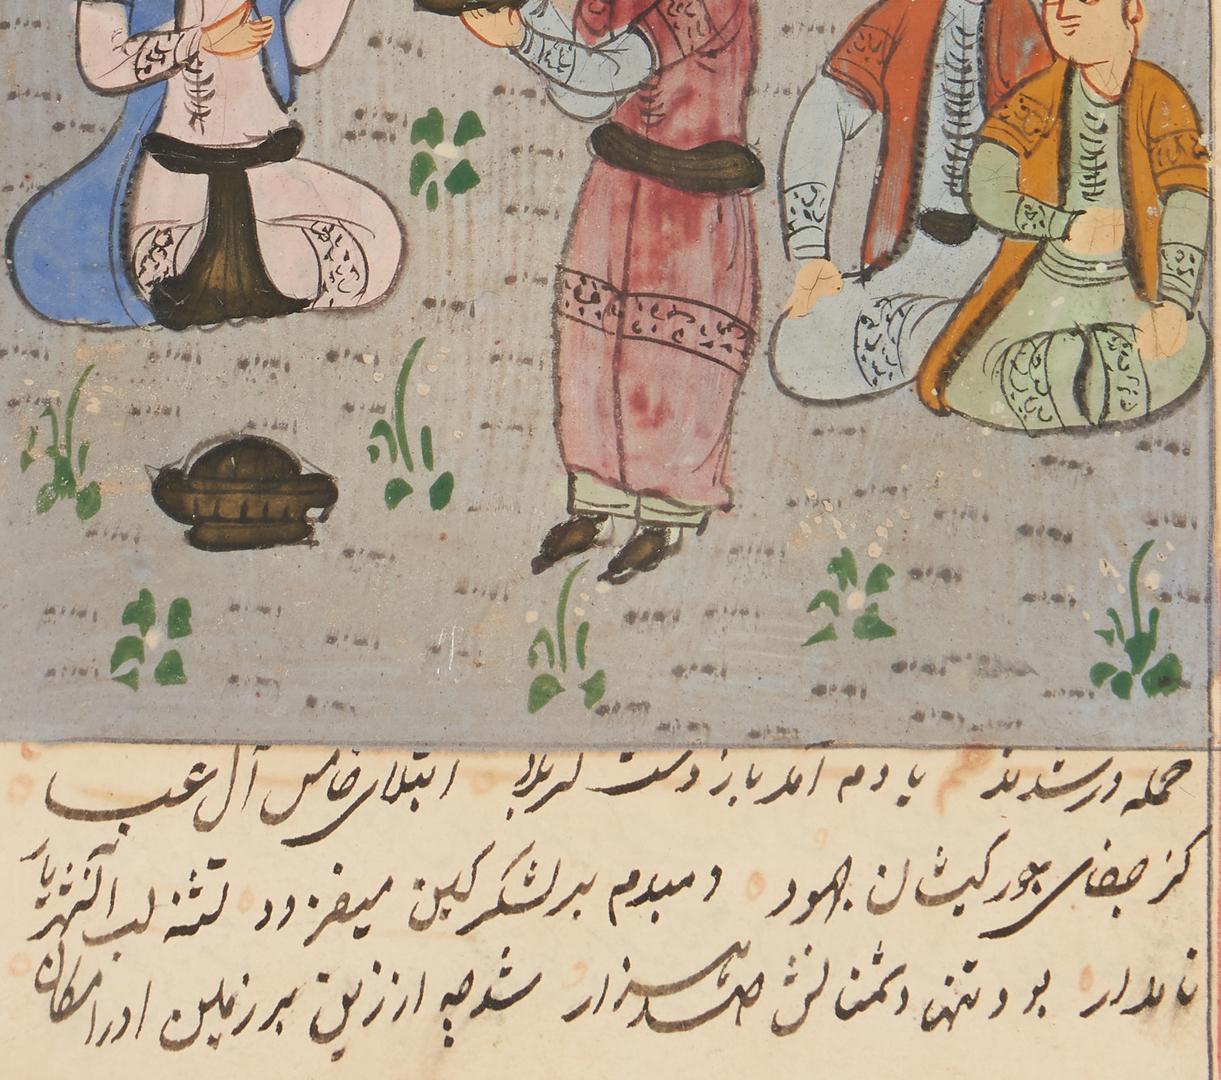 Lot 403: 7 Persian/Mughal Artworks, incl. Painted Manuscript Scenes